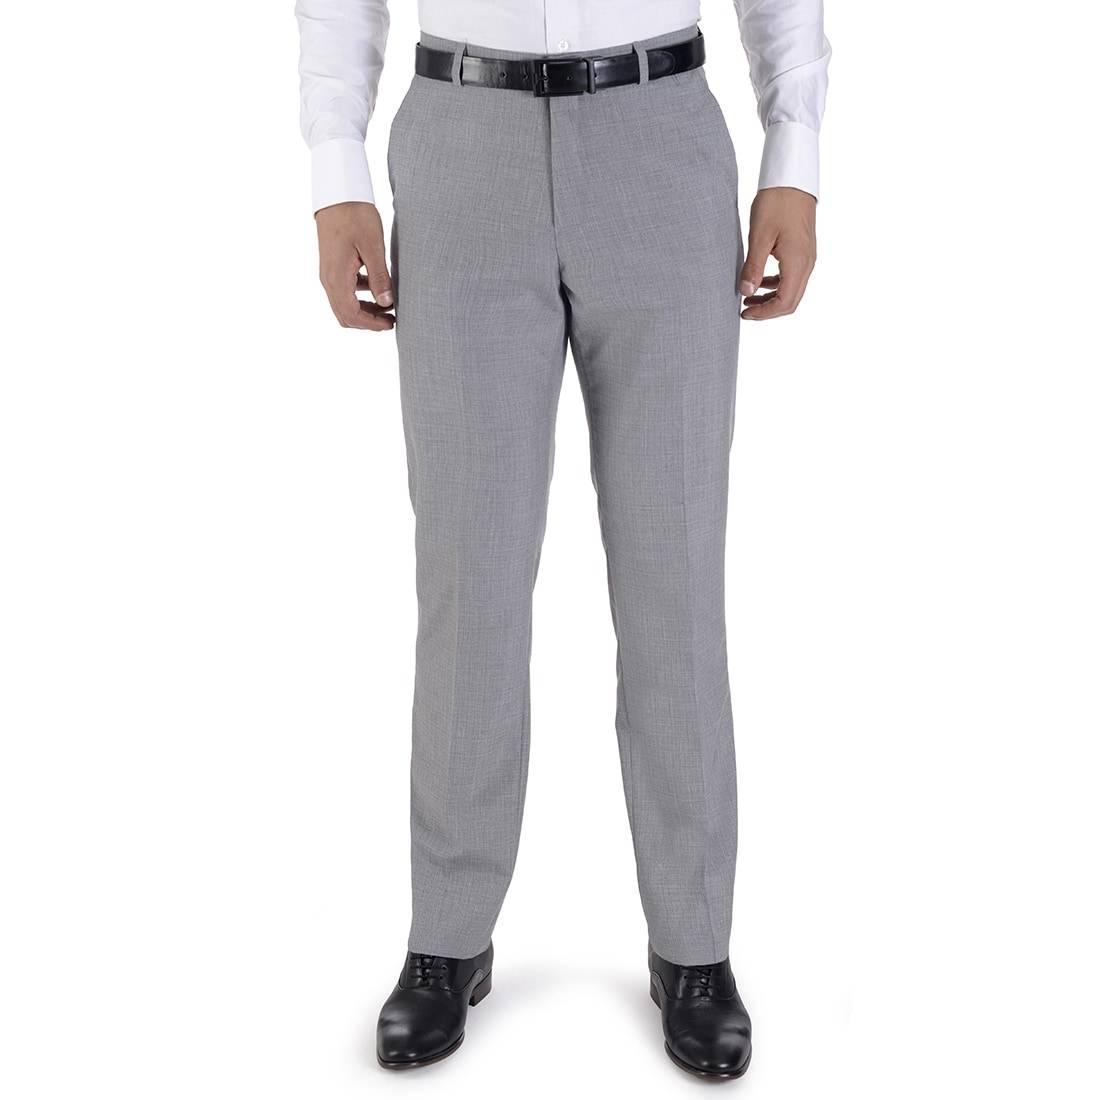 010060045105-01-Pantalon-de-Vestir-sin-Pinzas-Classic-Fit-Gris-yale